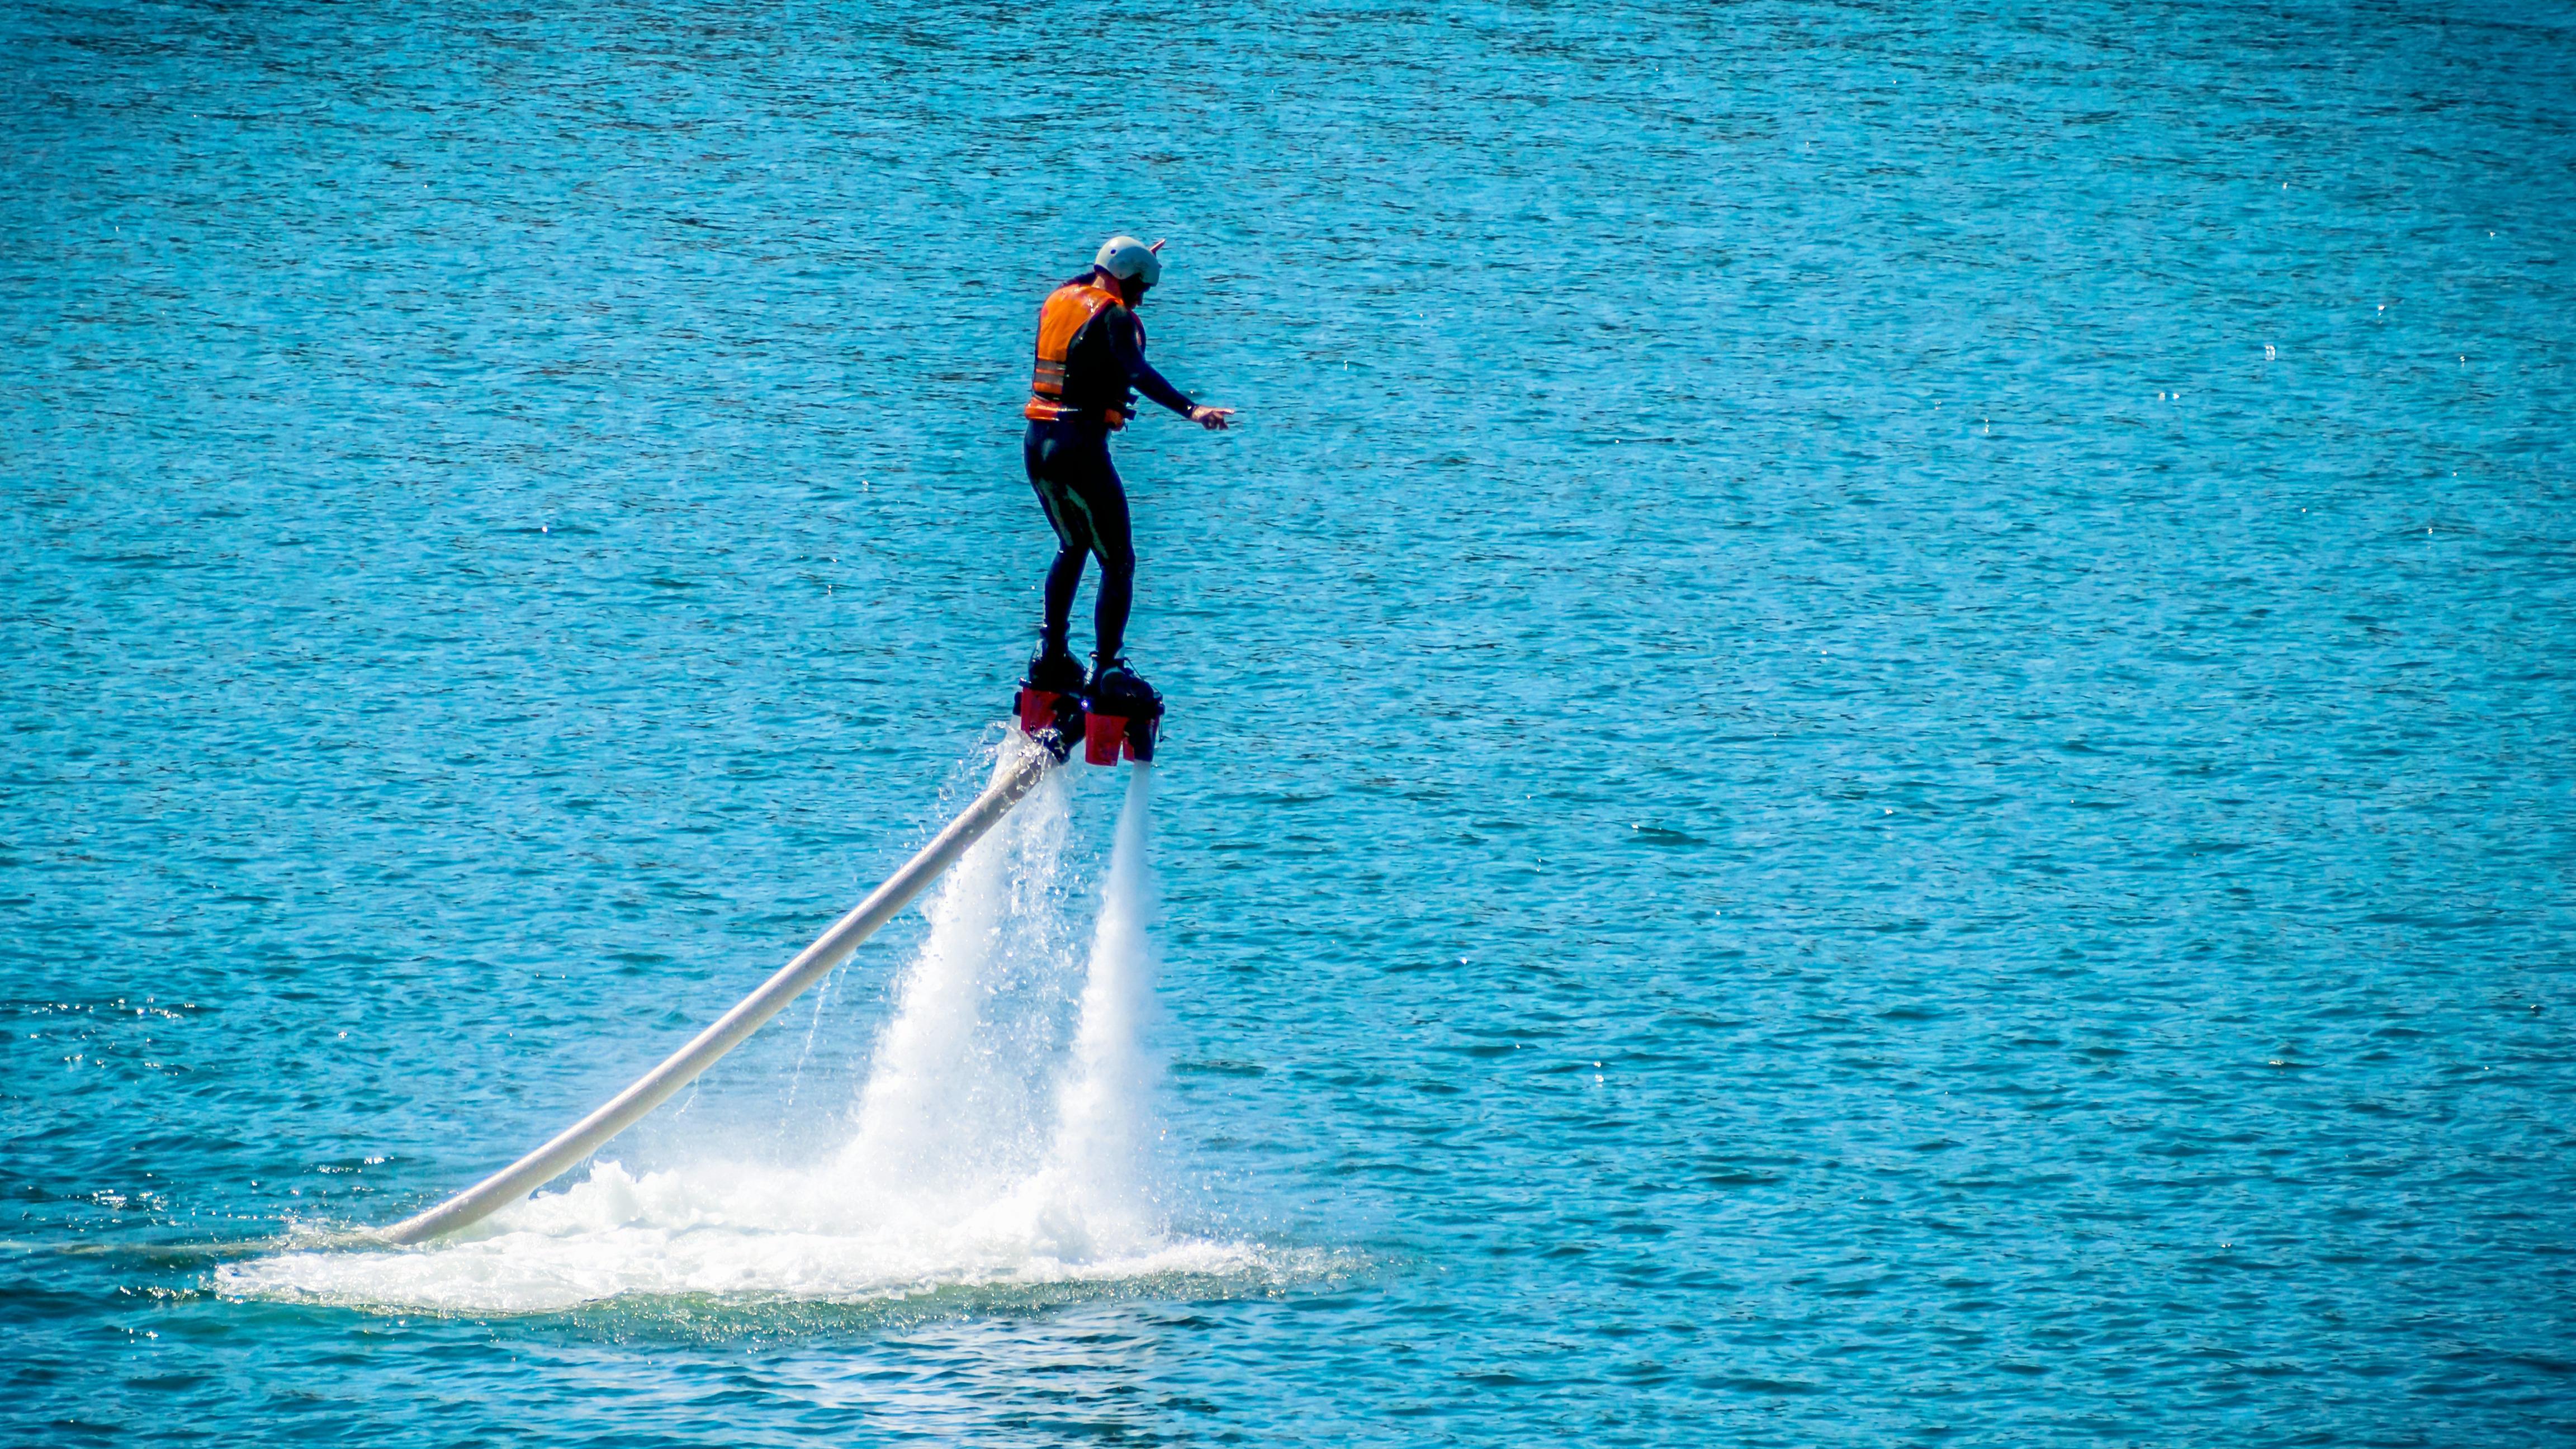 1569498315_flyboarding1.jpg